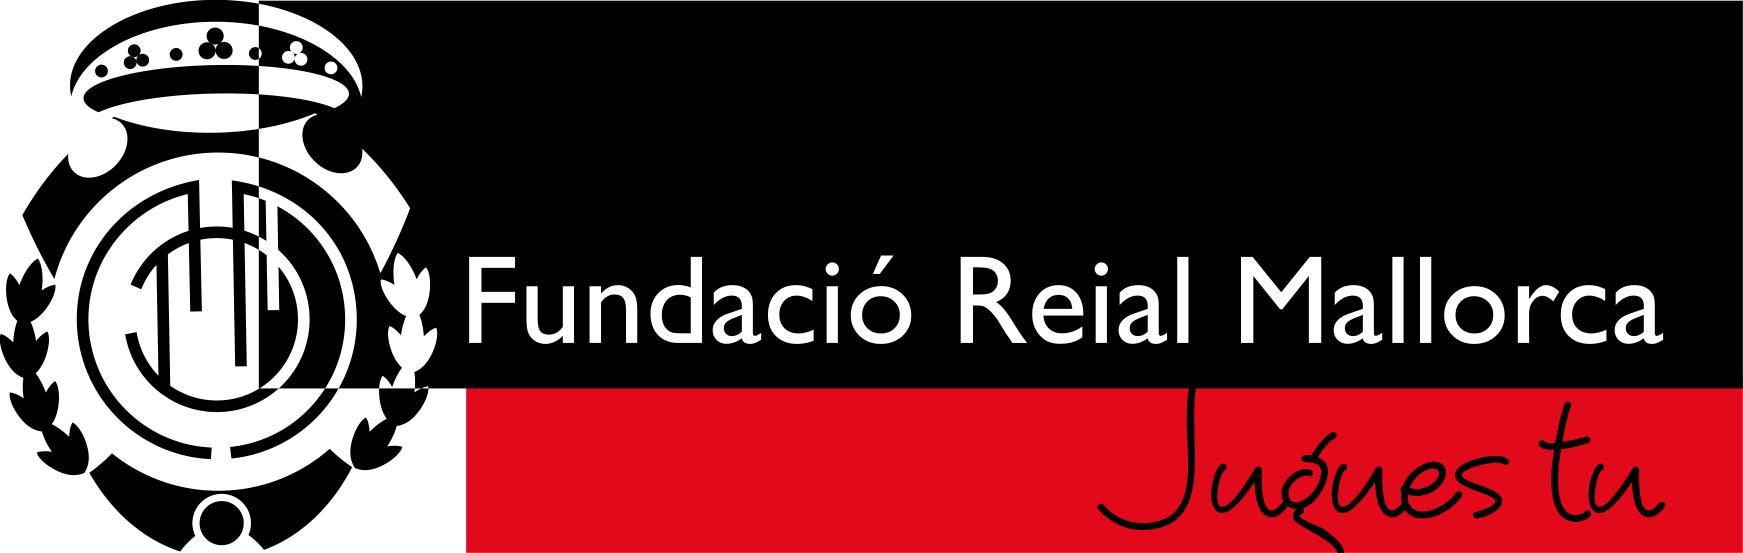 Fundació Reial Mallorca